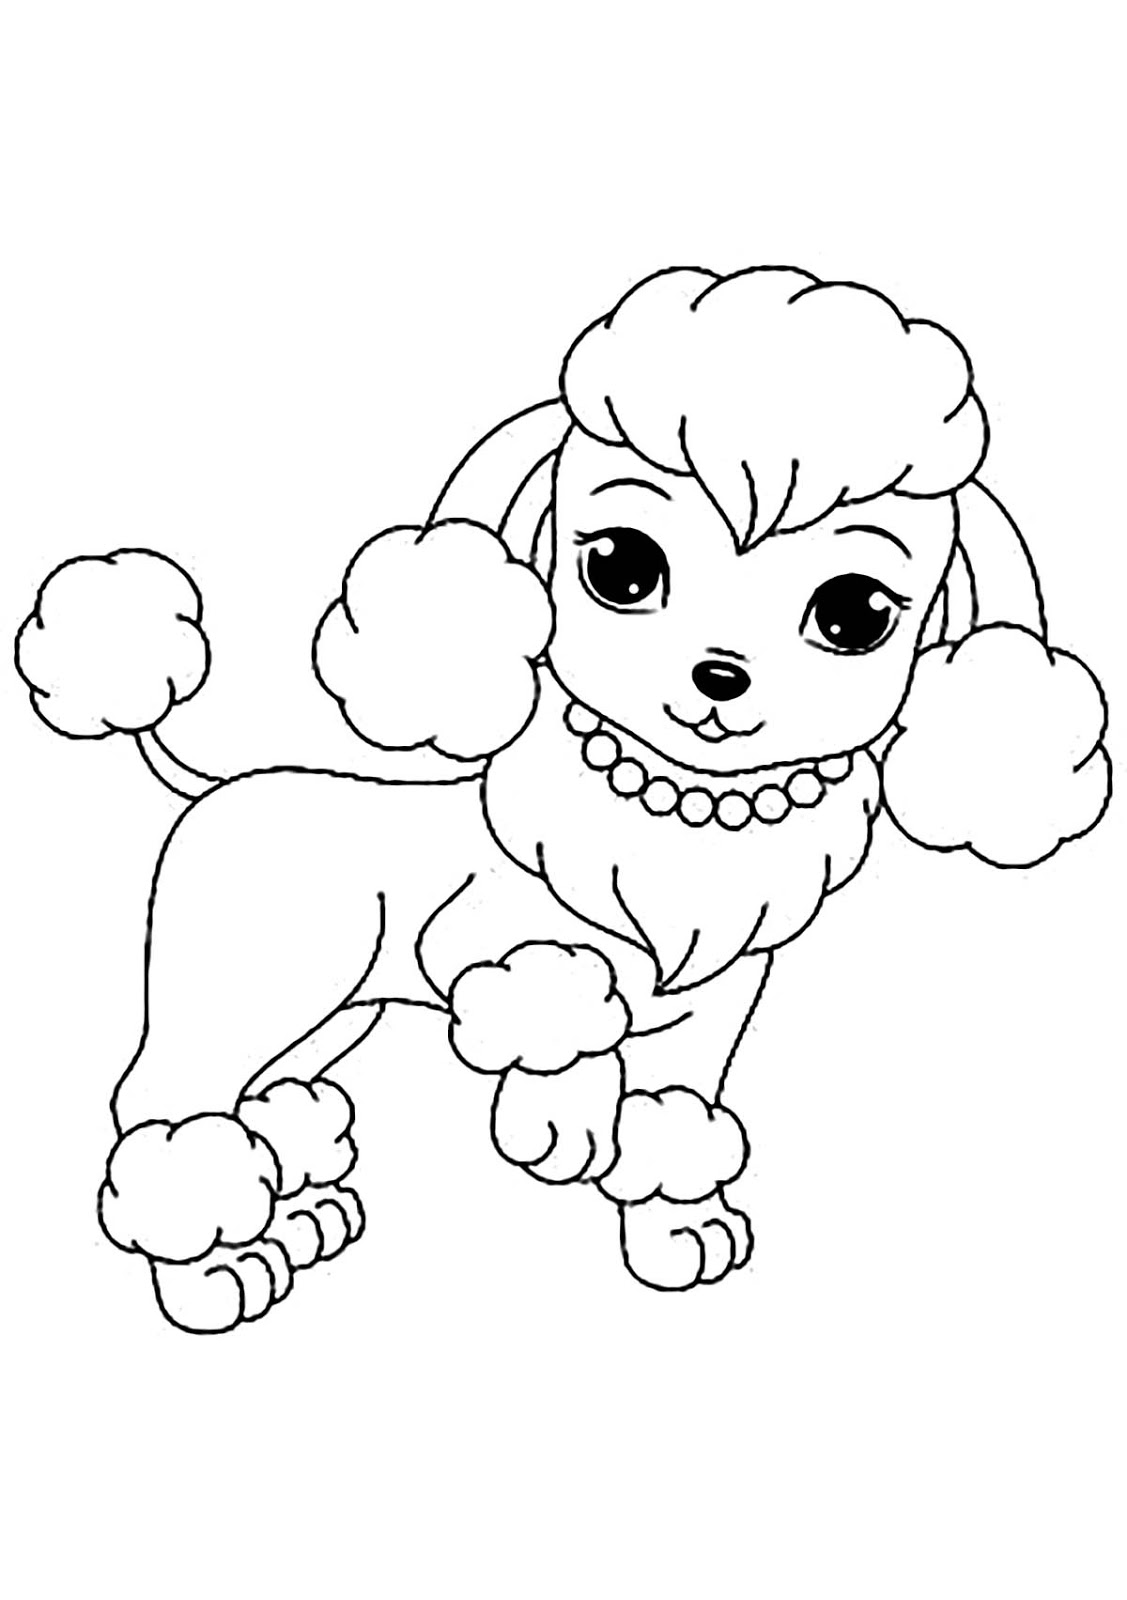 Tranh tô màu những chú chó đeo vòng